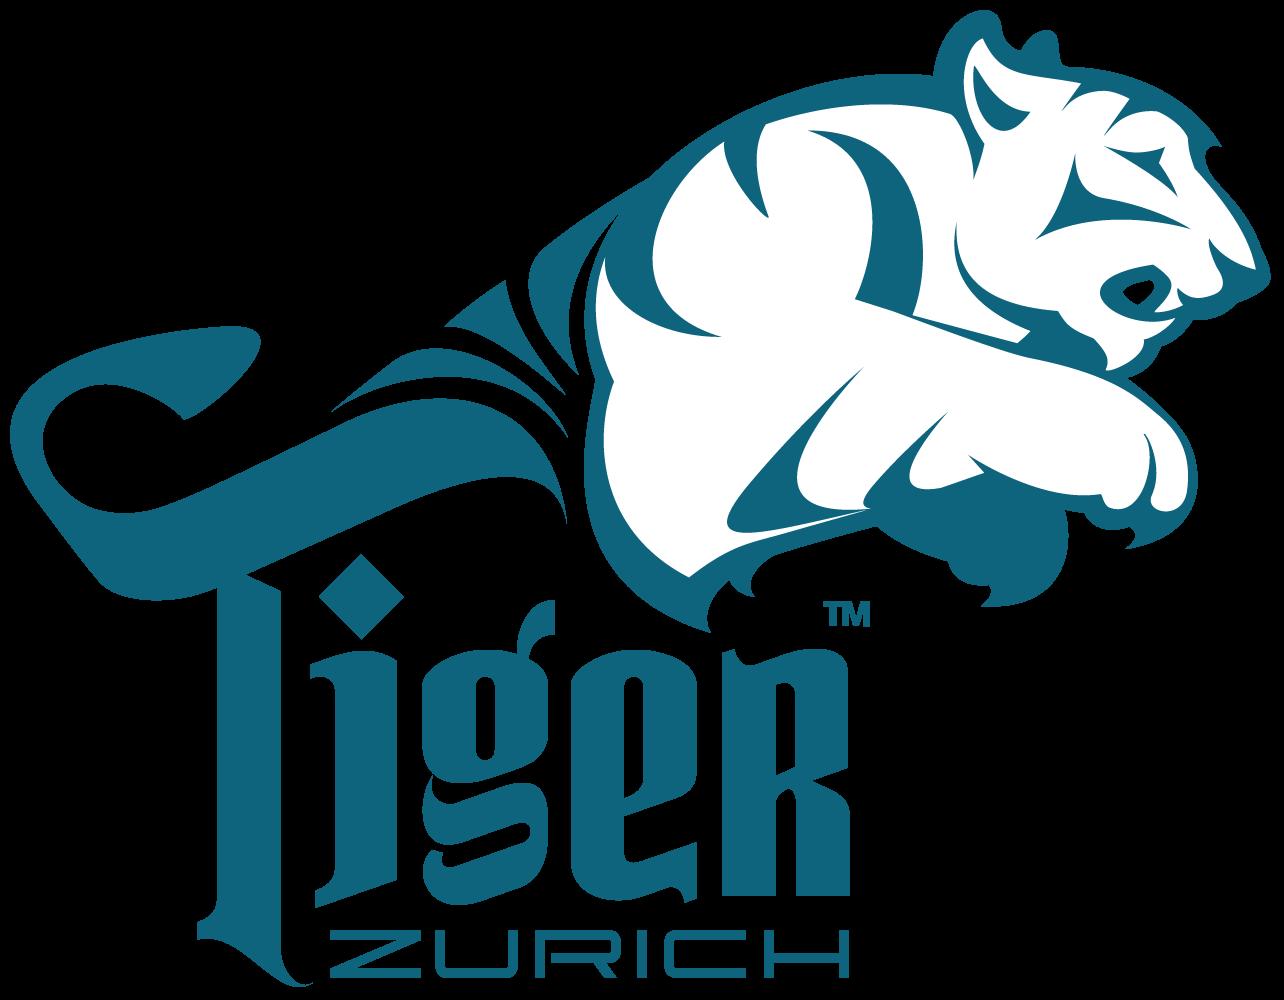 Tiger Zurich